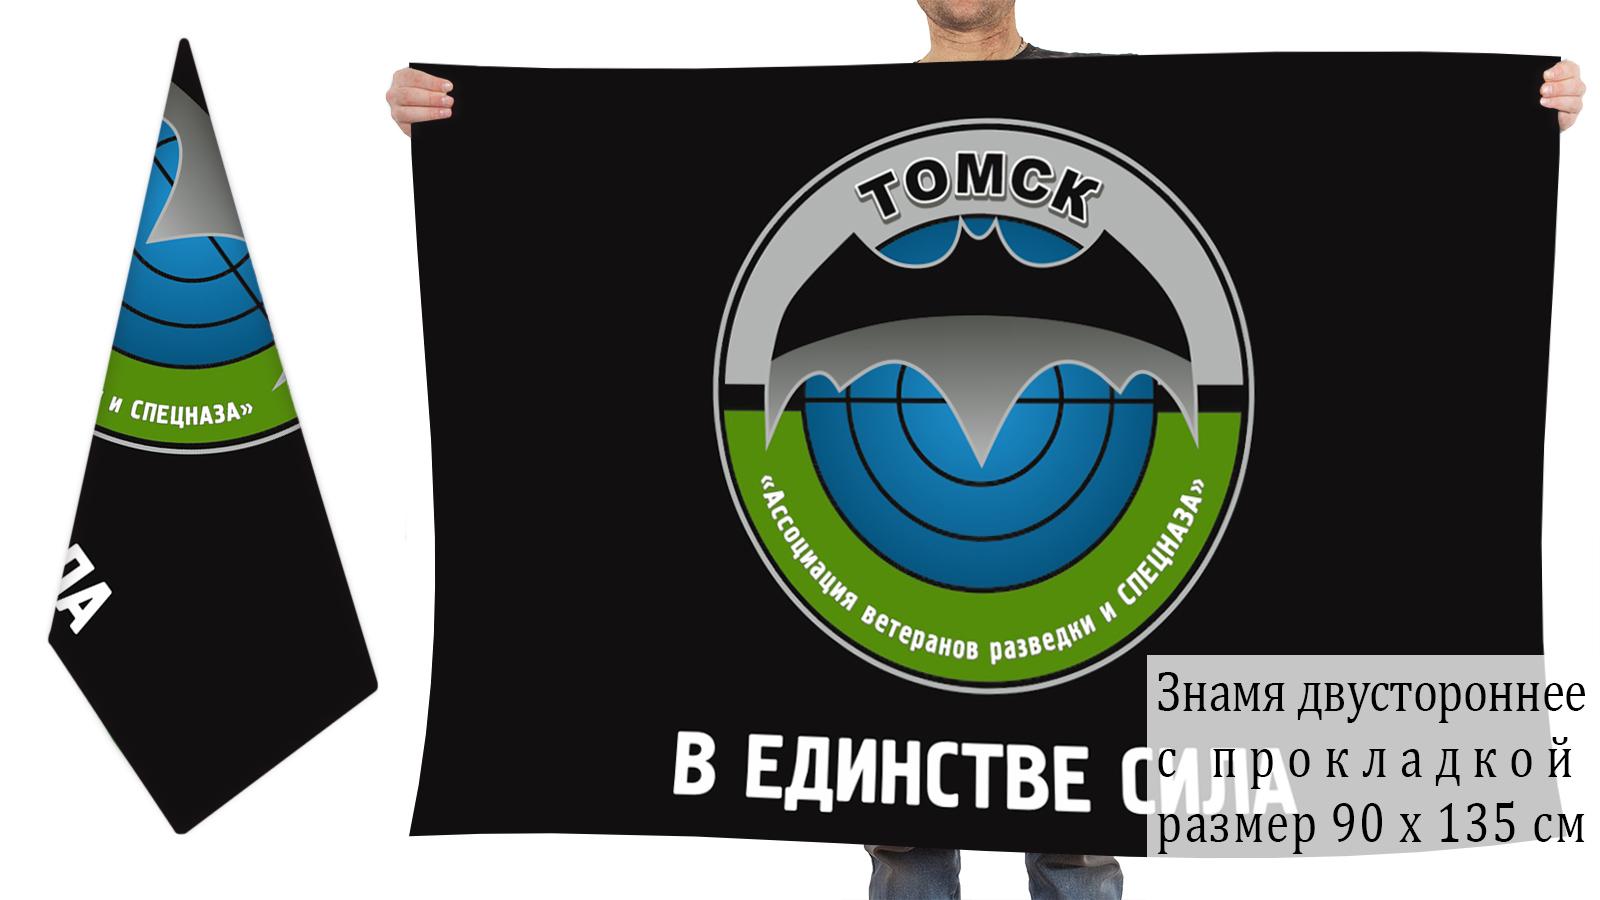 Двусторонний флаг ассоцииации ветеранов разведки и спецназа города Томск